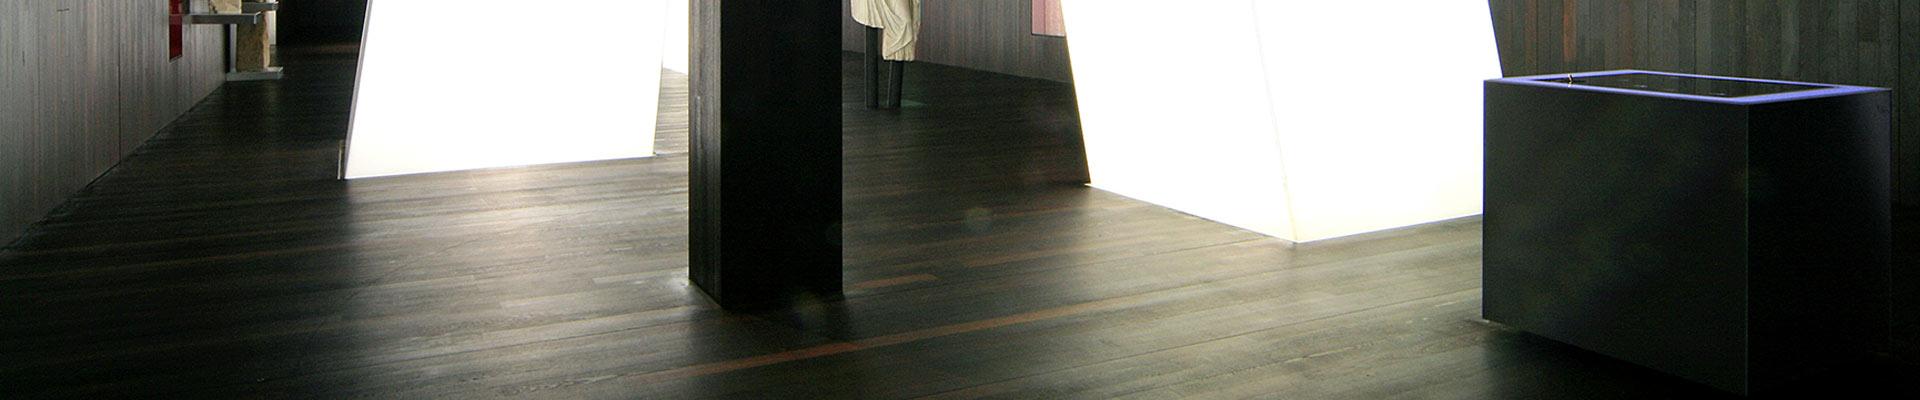 grupo gamiz spécialistes de la fabrication de bois et de palettes